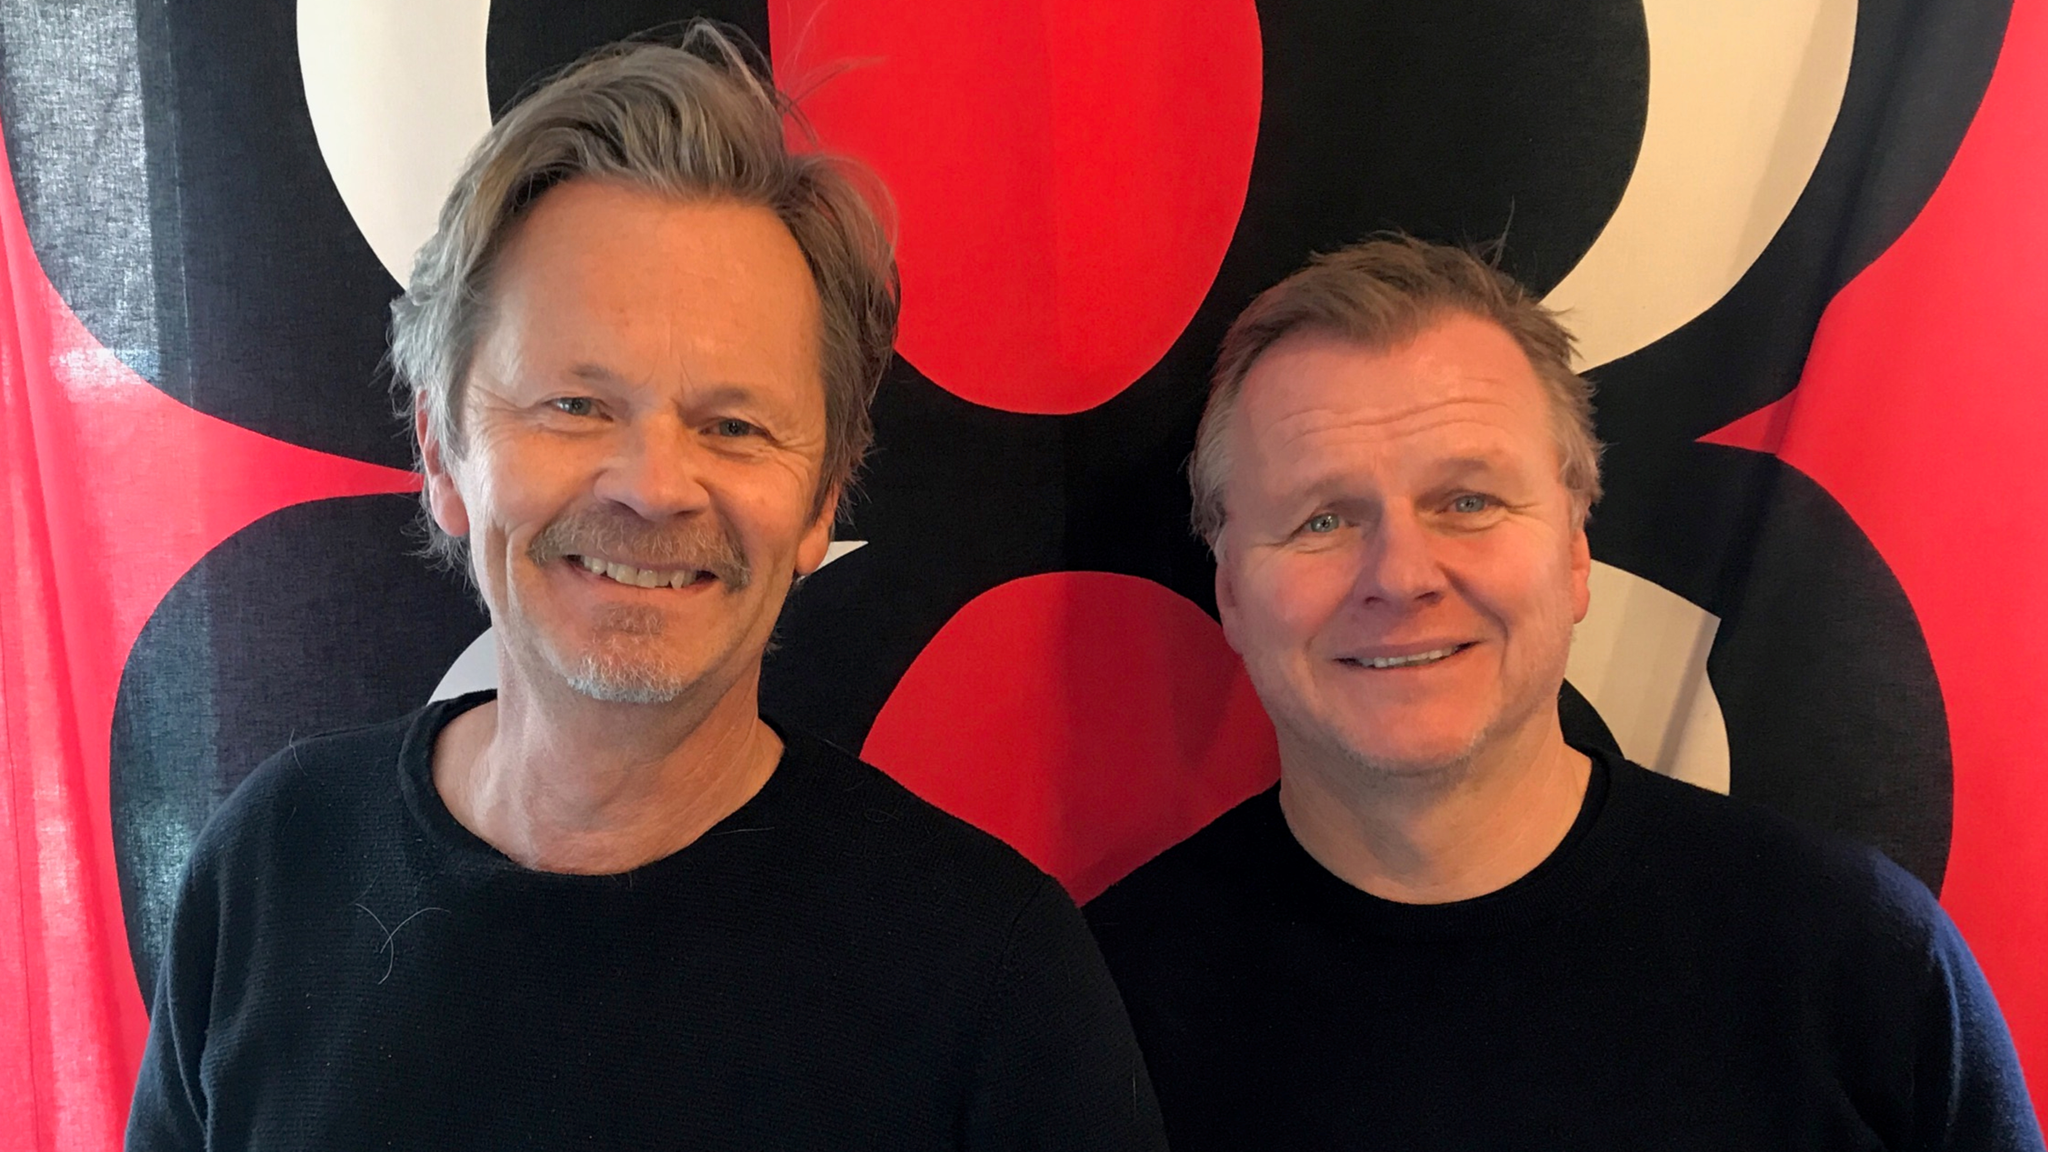 Anders Glenmark gör debut som programledare för Jukeboxen!